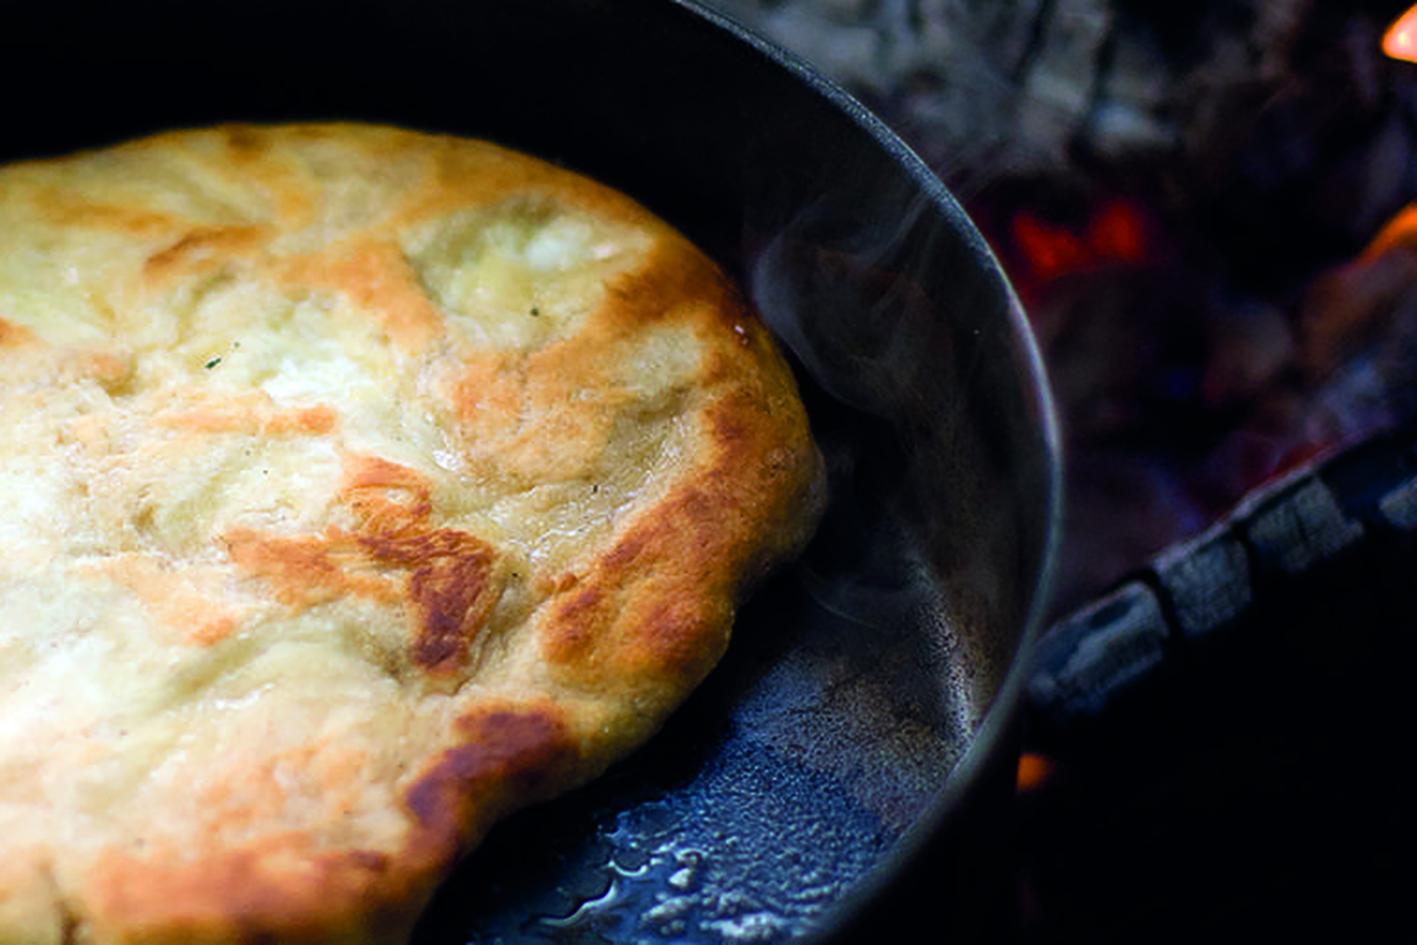 Chapati, indisk brød stekt i panne.